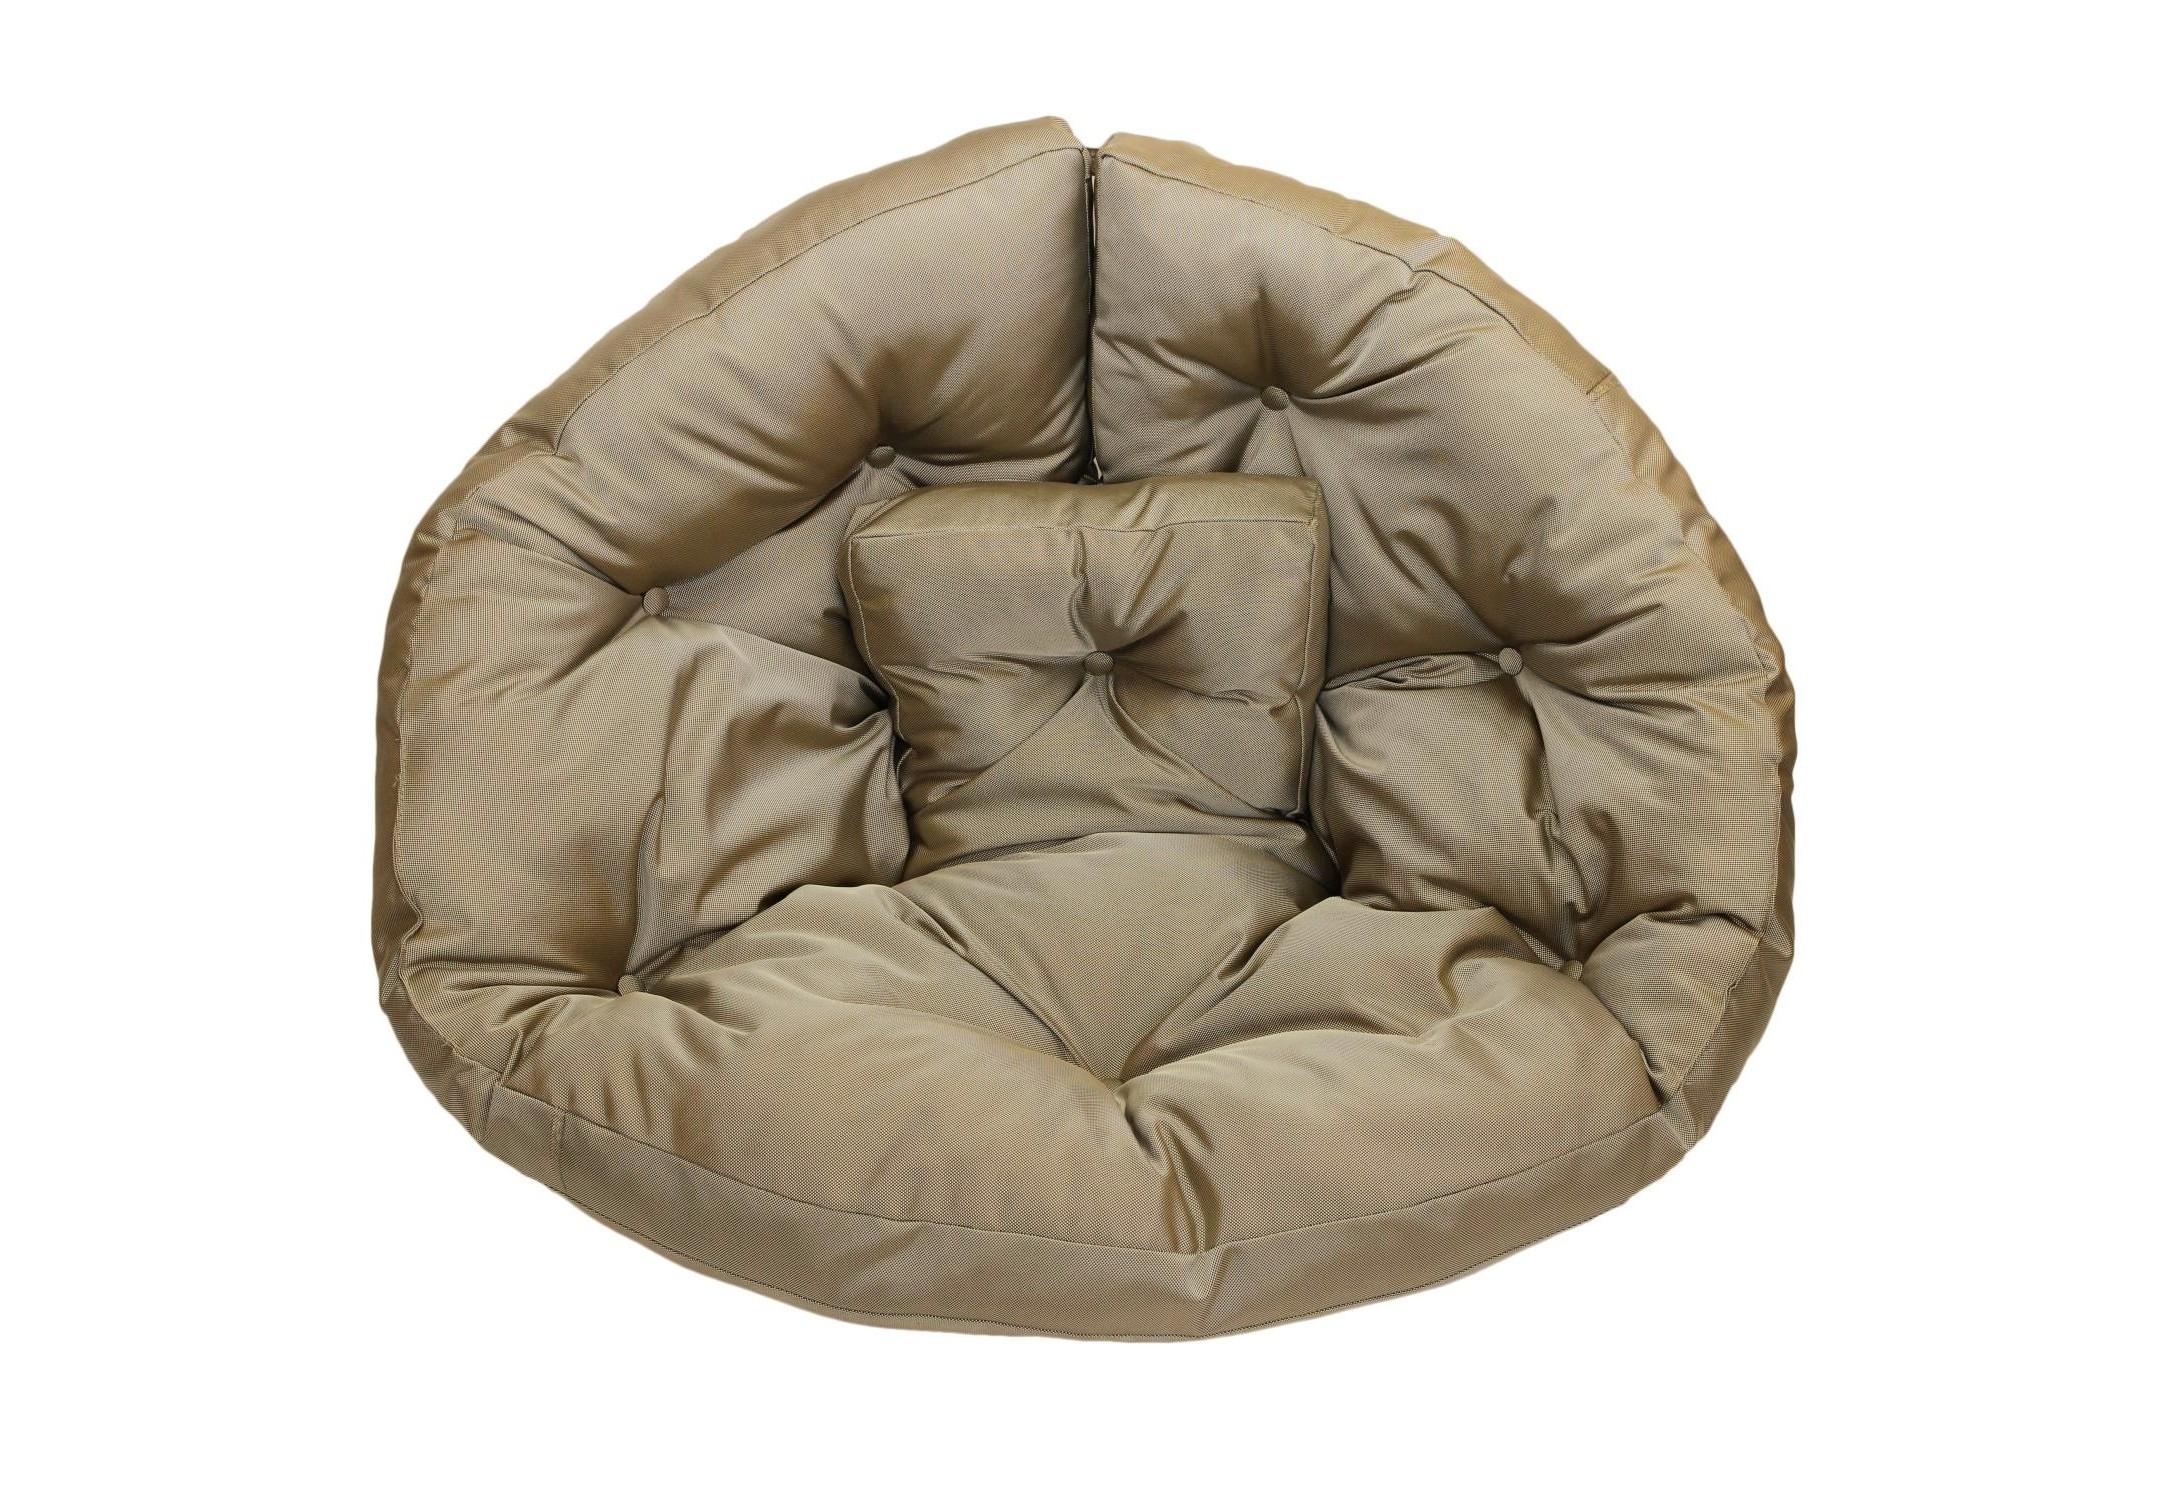 Кресло-футон WoodКресла-мешки<br>Кресло-футон станет функциональной частью вашего интерьера, как дома, так и на улице. Вы можете уютно разместиться  в кресле или с легкостью превратить его в очень мягкий матрас-футон. Так же при помощи липучек вы можете соединить два футона и сделать один большой матрас для загара под солнцем или отдыха дома. Кресло сшито из очень плотной ткани с водооталкивающим покрытием с внешней стороны, поэтому идеально подойтет для уличного декора.При загрязнении его достаточно протереть мокрой салфеткой.<br><br>Material: Текстиль<br>Length см: None<br>Width см: 200<br>Depth см: 100<br>Height см: 10